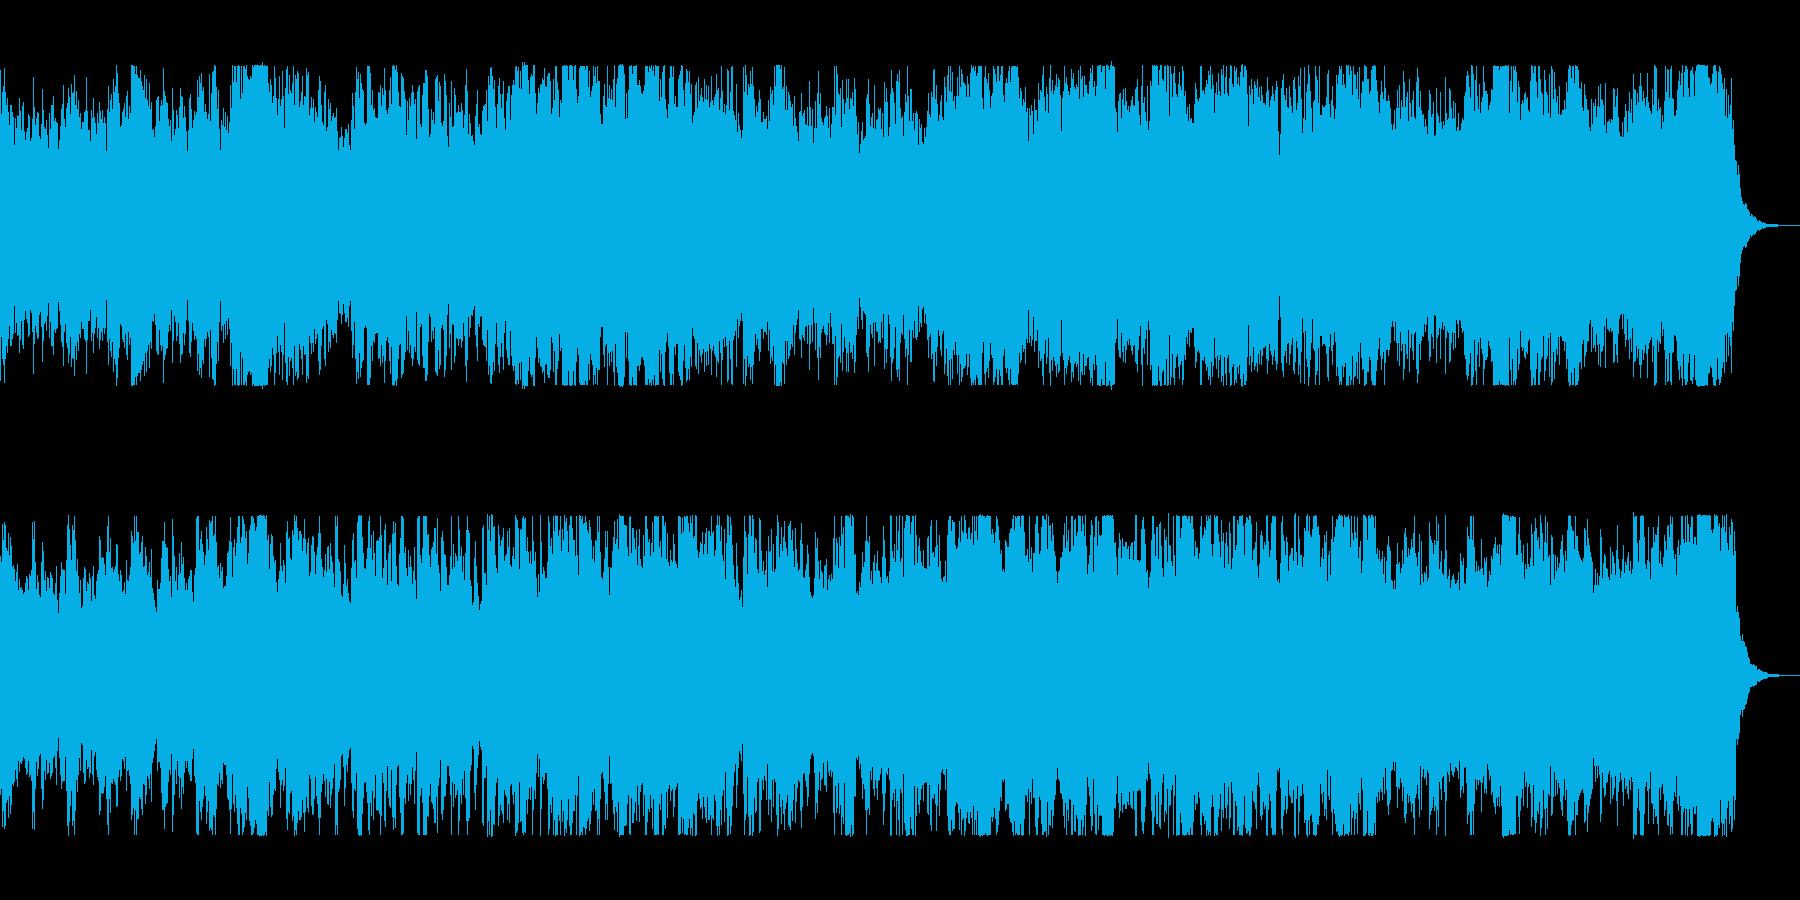 壮大でファンタジーな管弦打楽器シンセの再生済みの波形